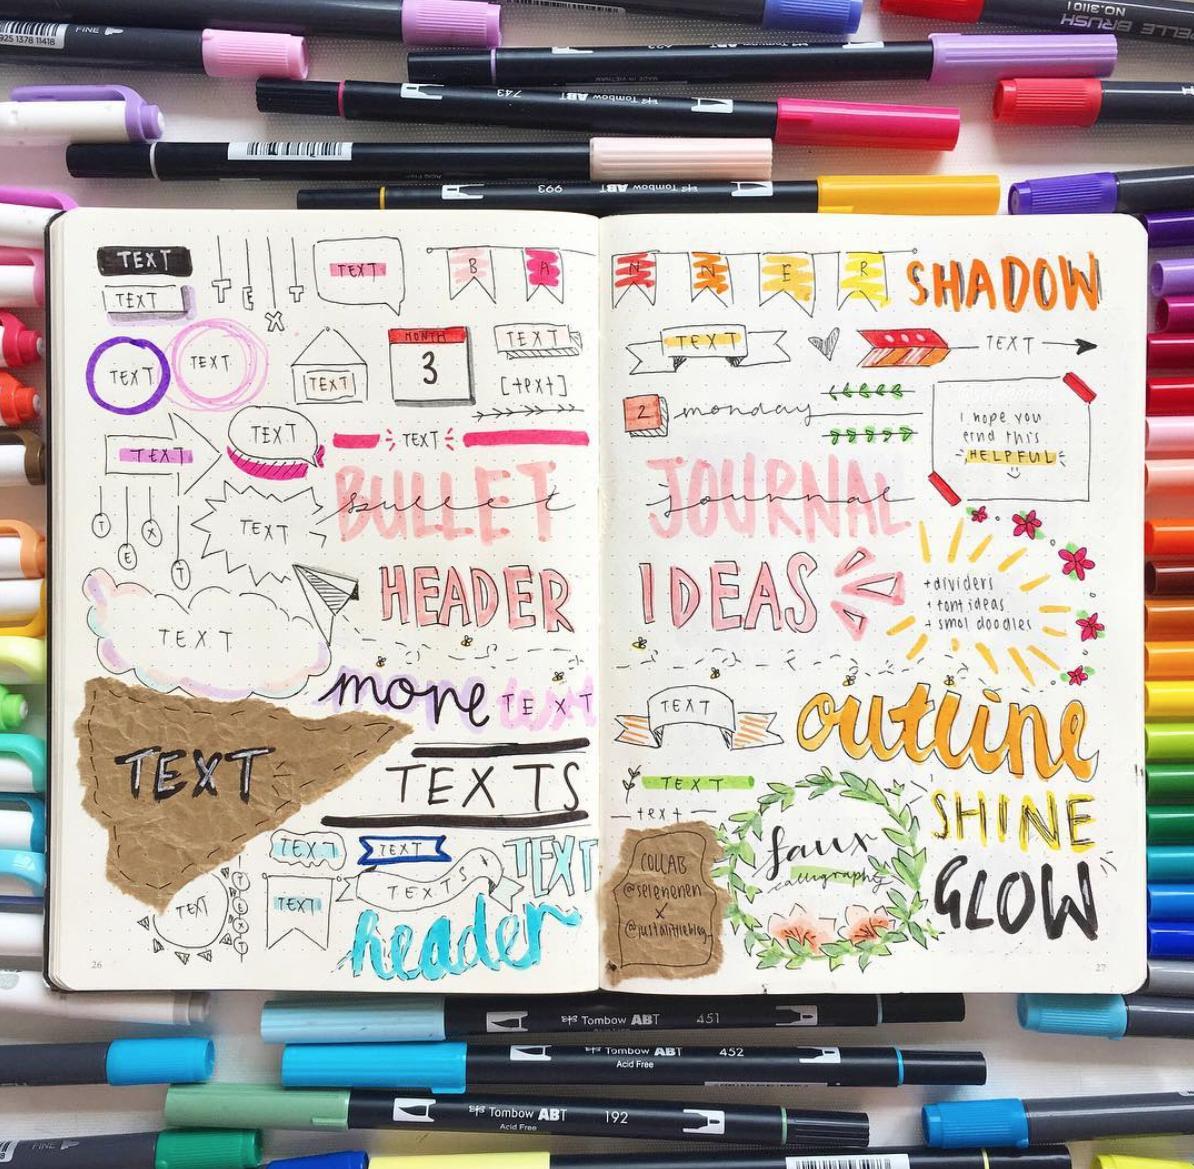 Creative Bullet Journal Header Ideas